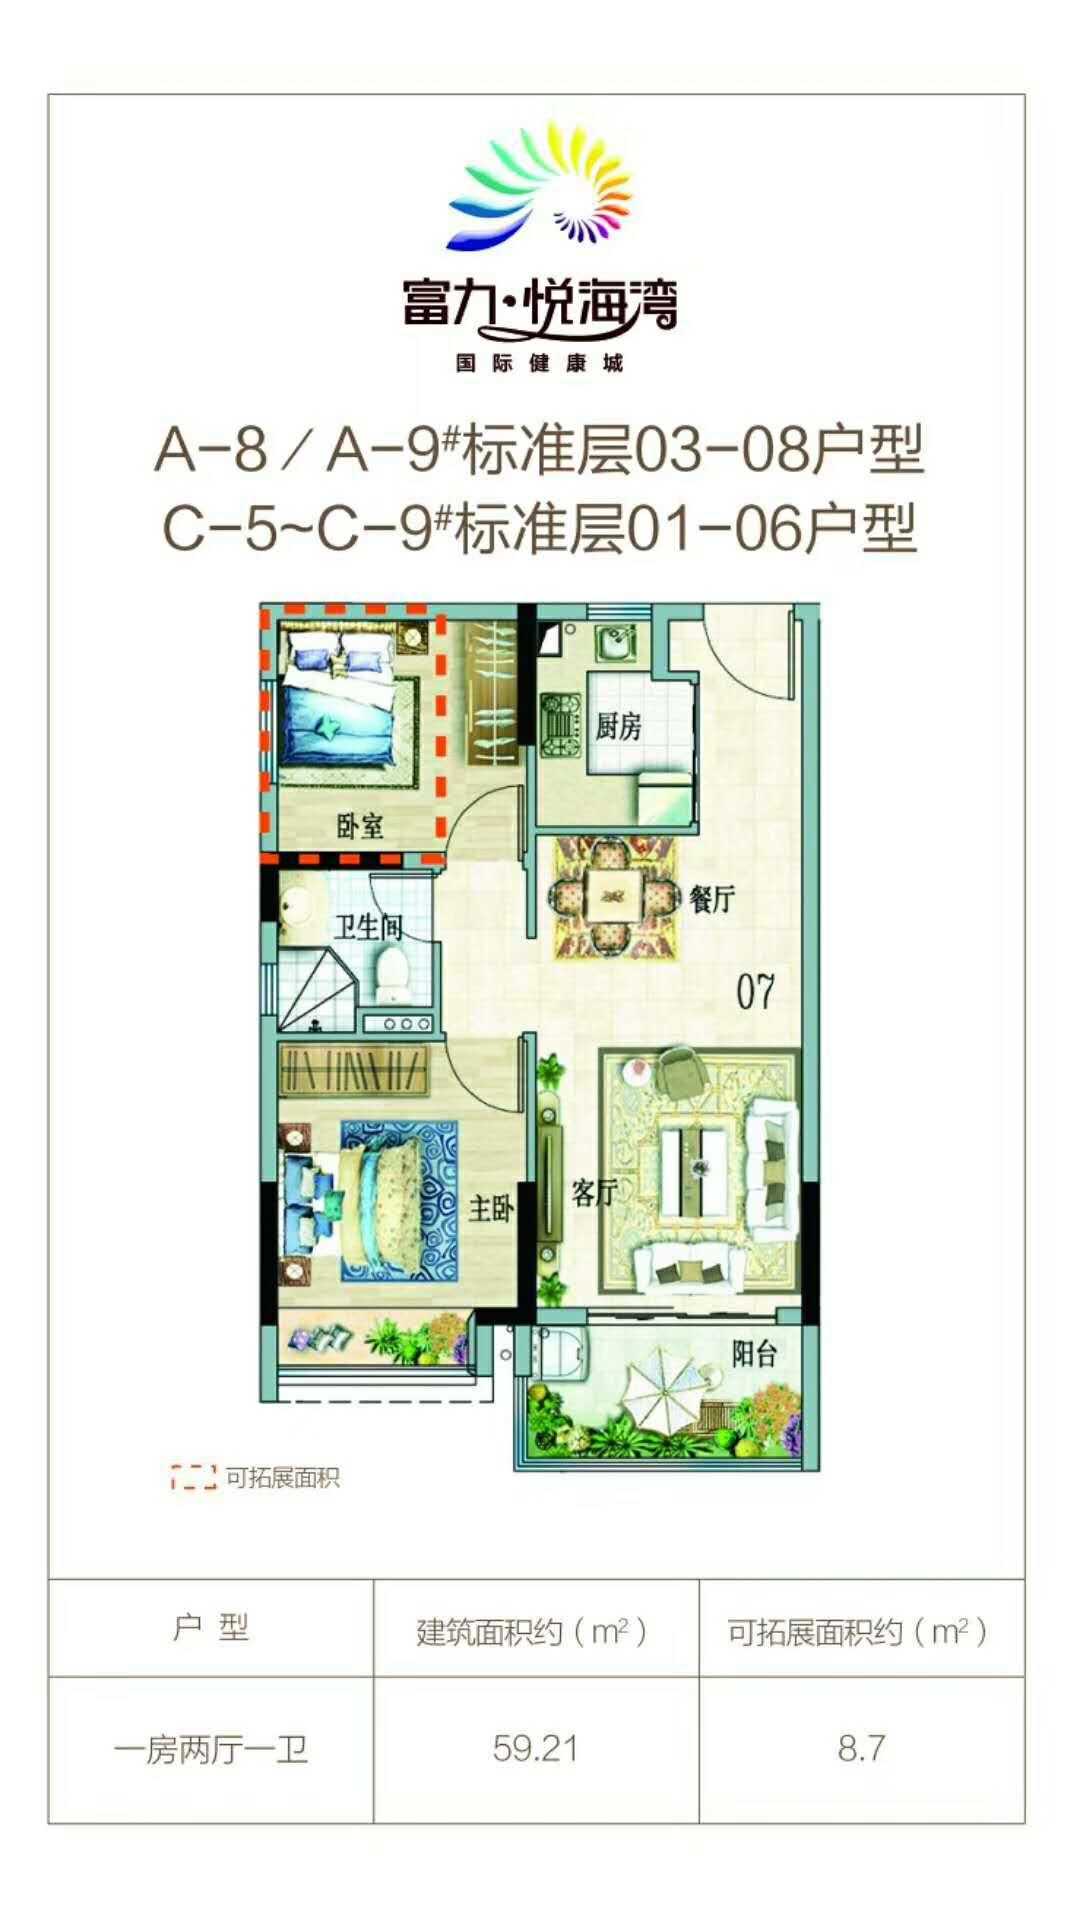 富力悦海湾A-8、A-9标准层03、08;C-5、C-9标准层01、06户型一房两厅一卫59.21平方米